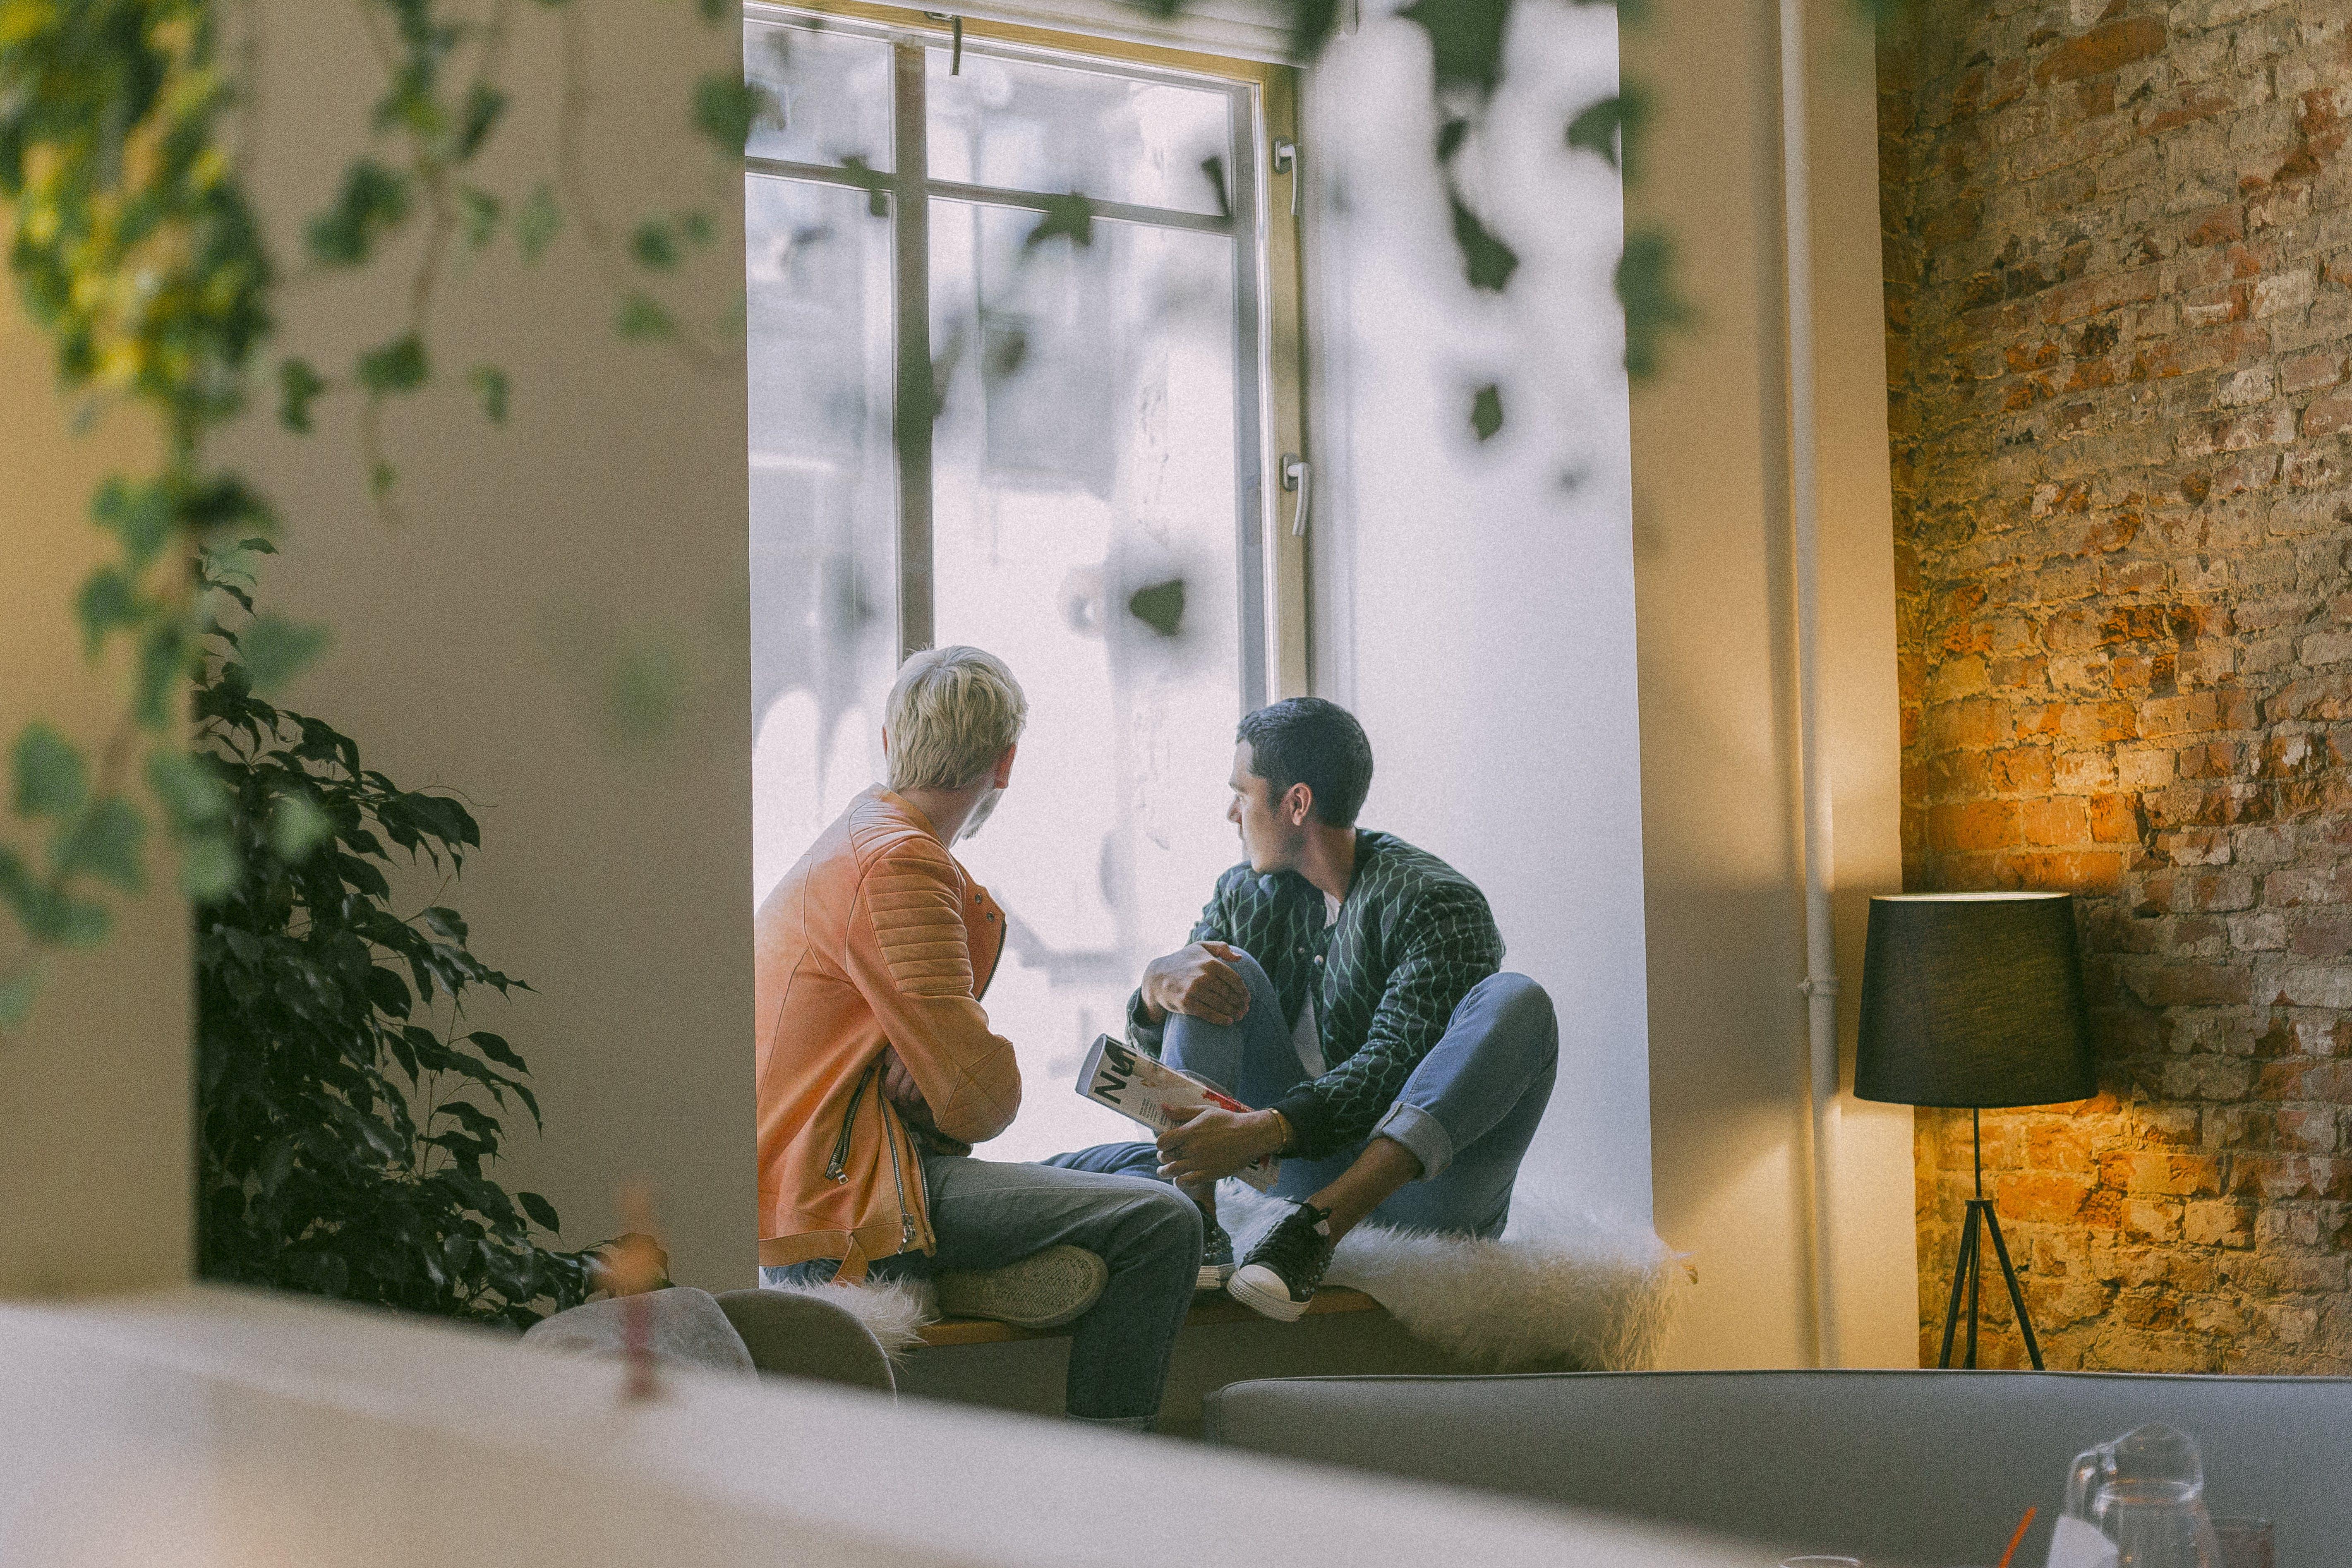 Two Men Near the Window Talking